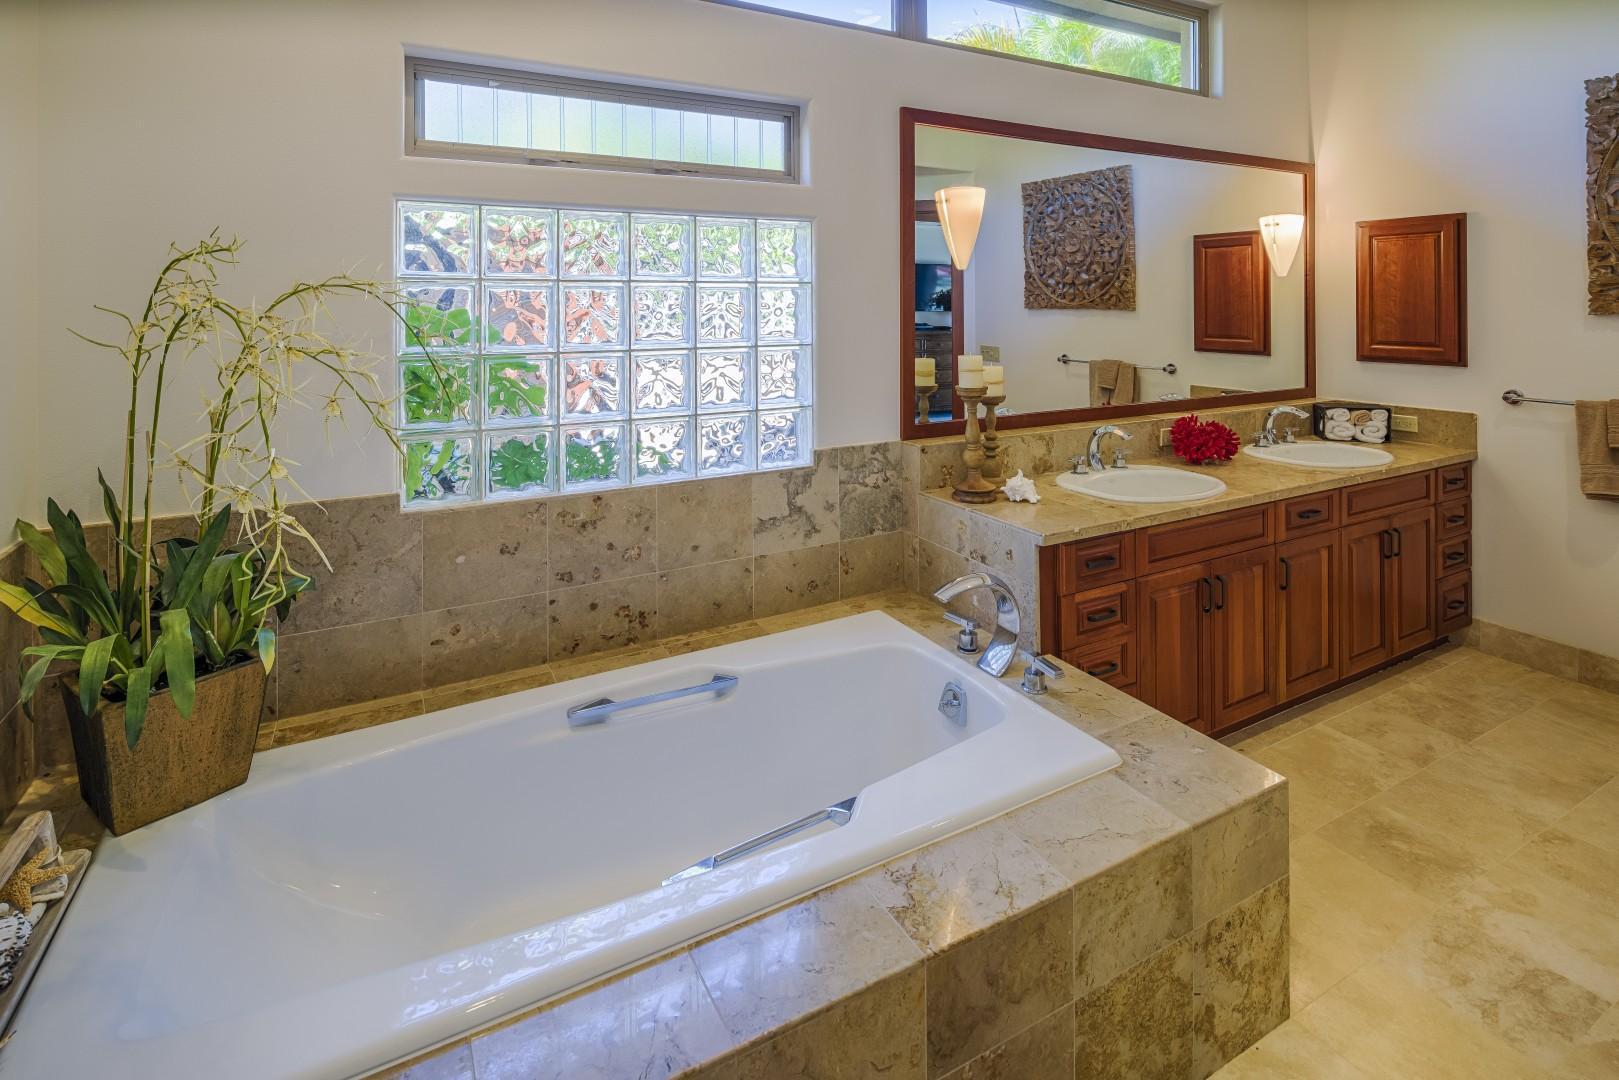 Soaking tub in master suite